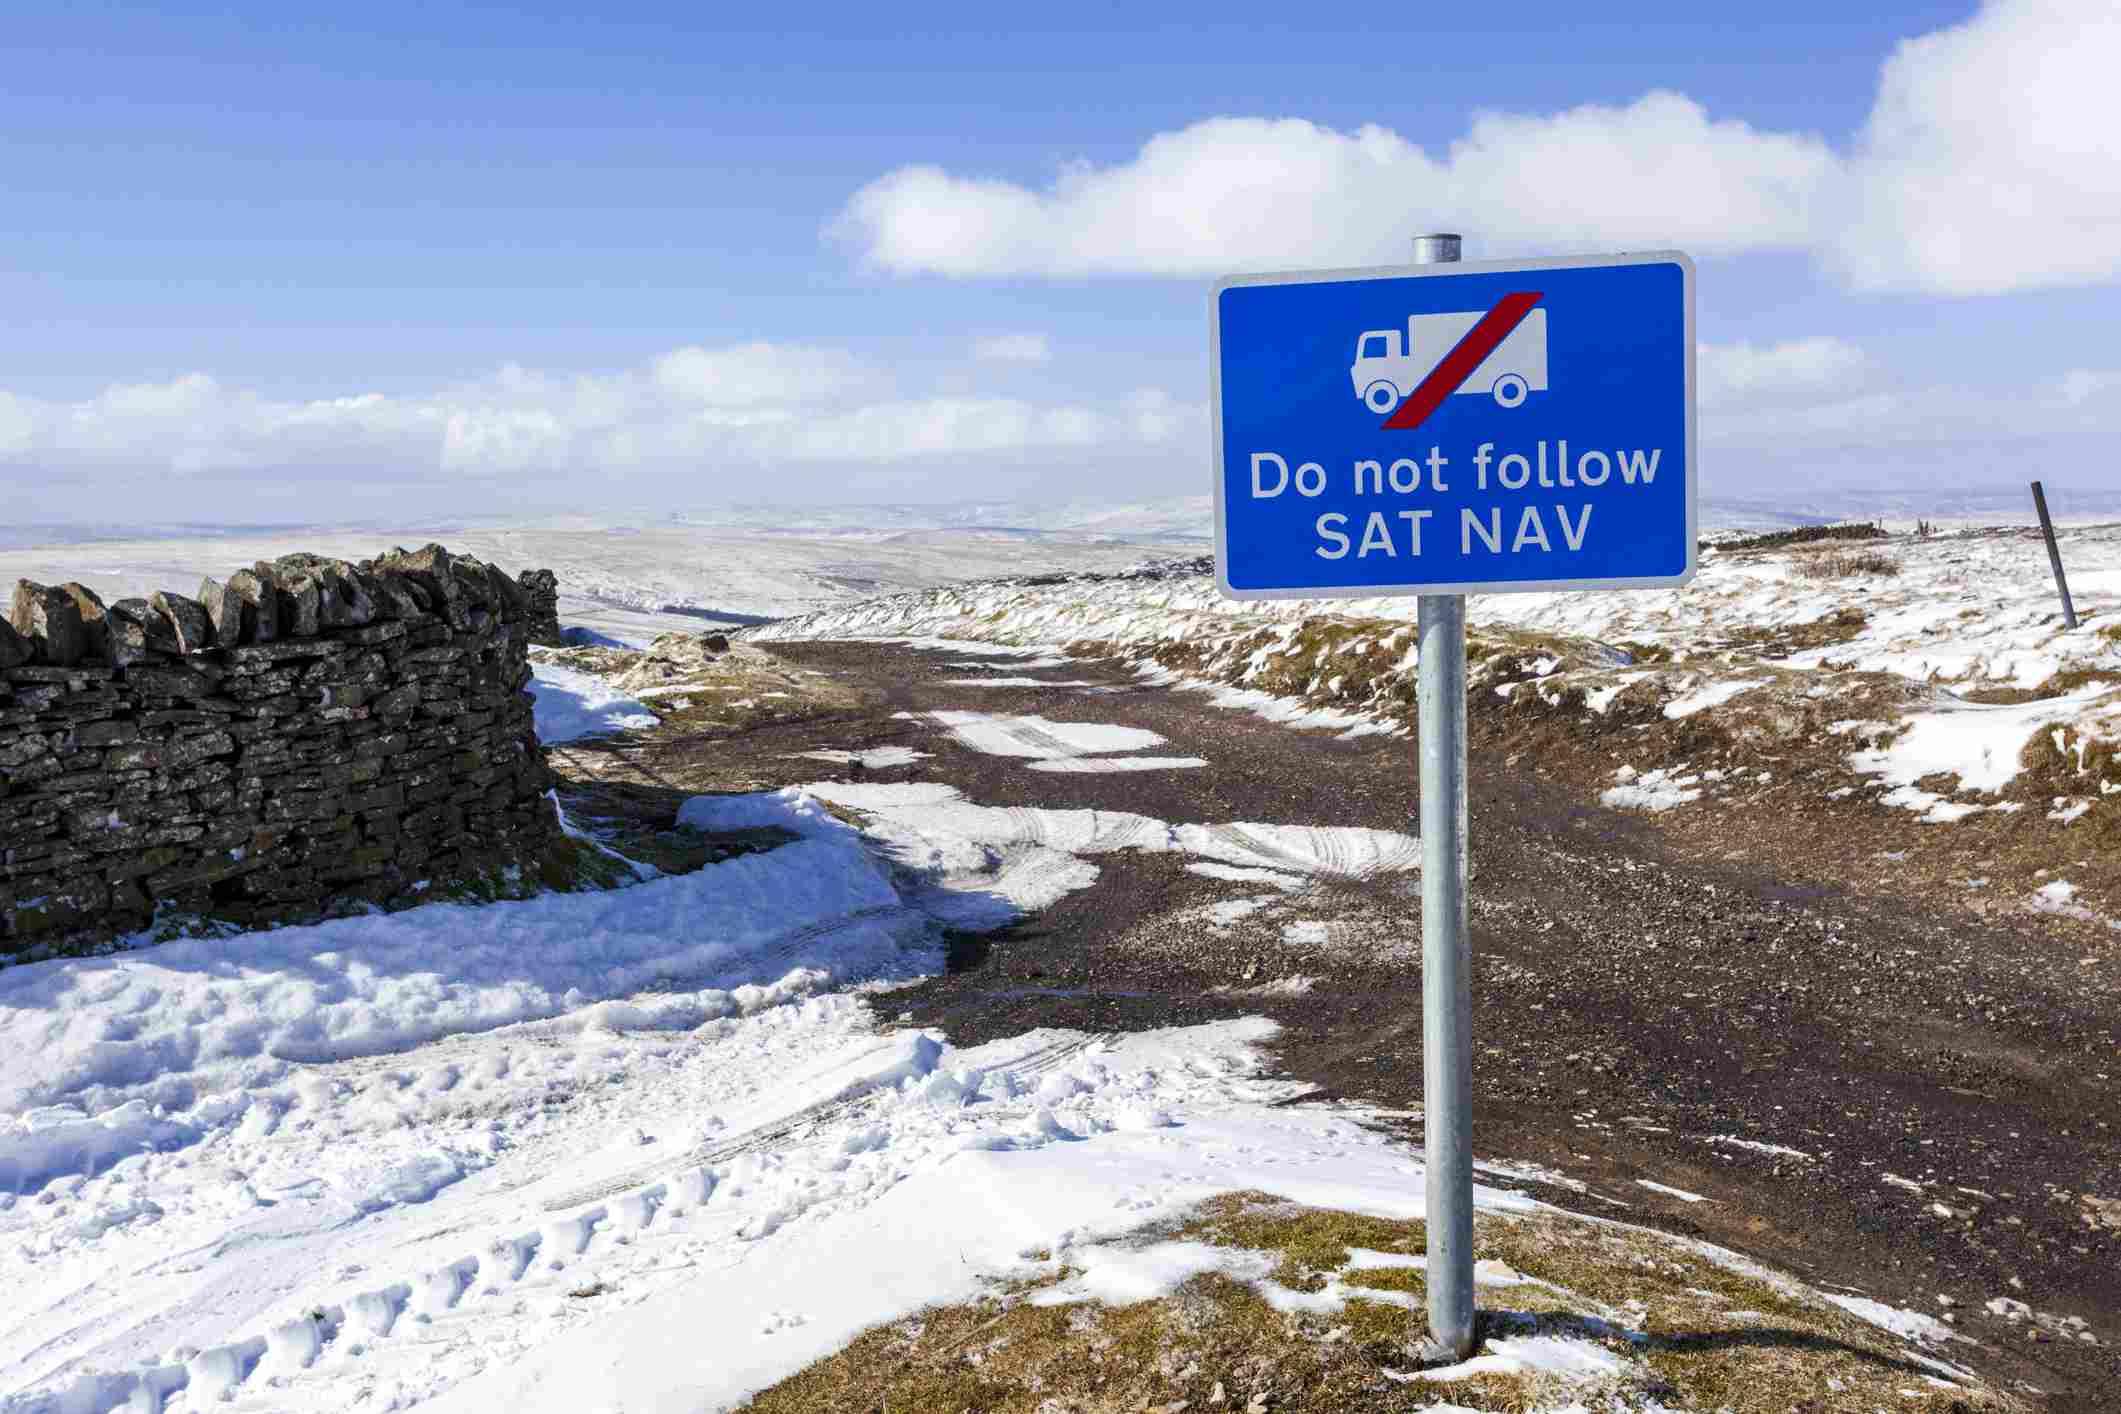 do not follow sat nav